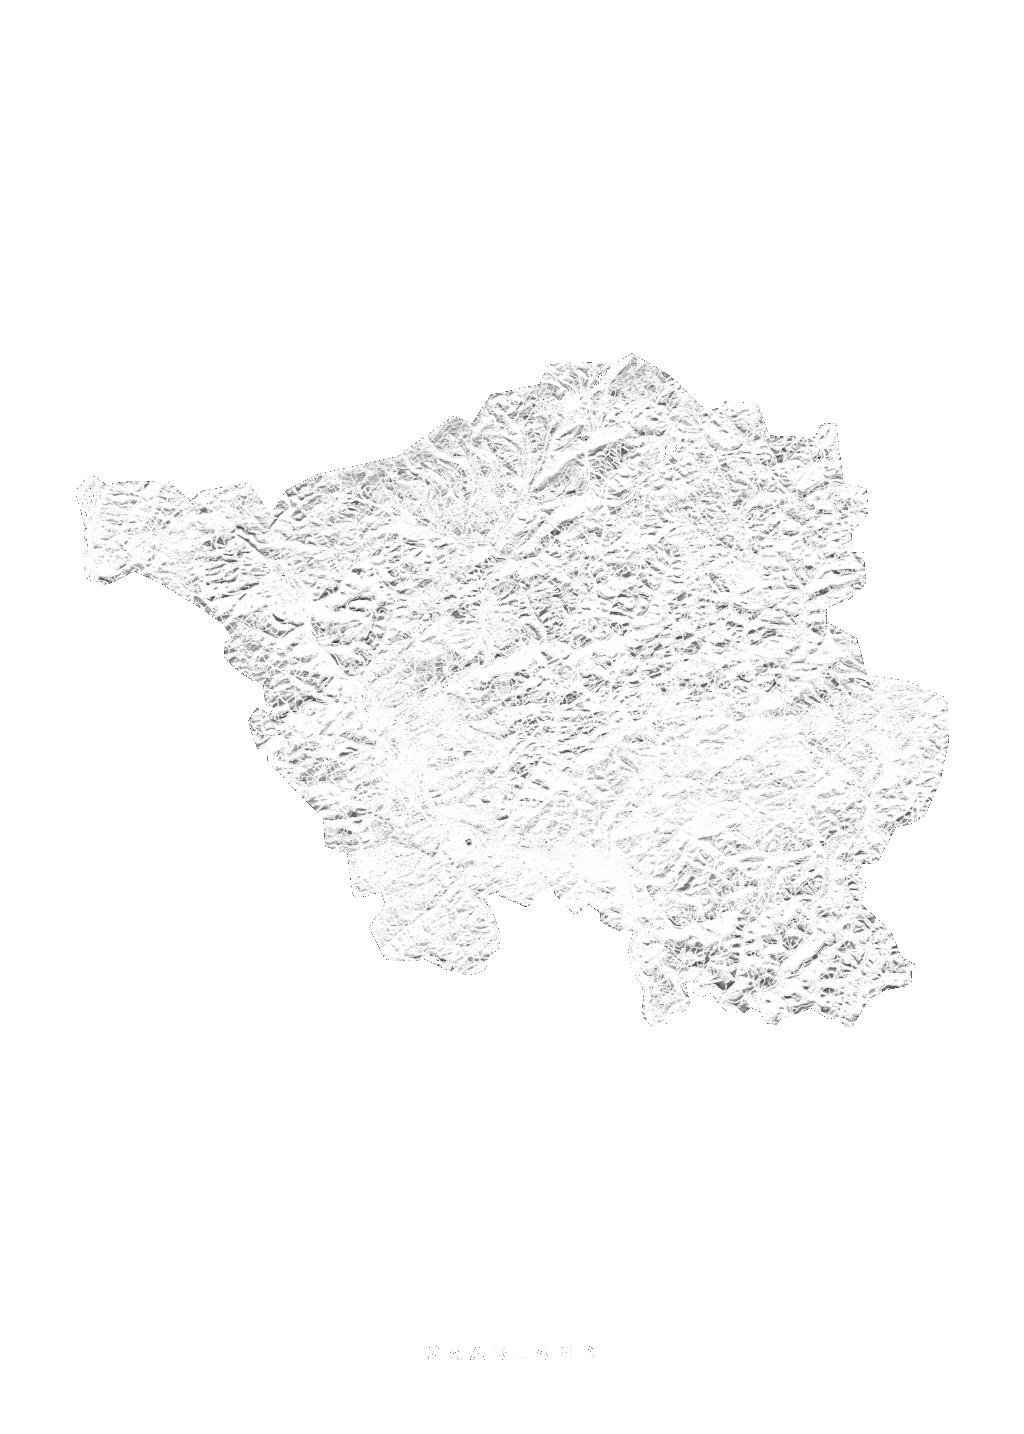 Saarland wall map